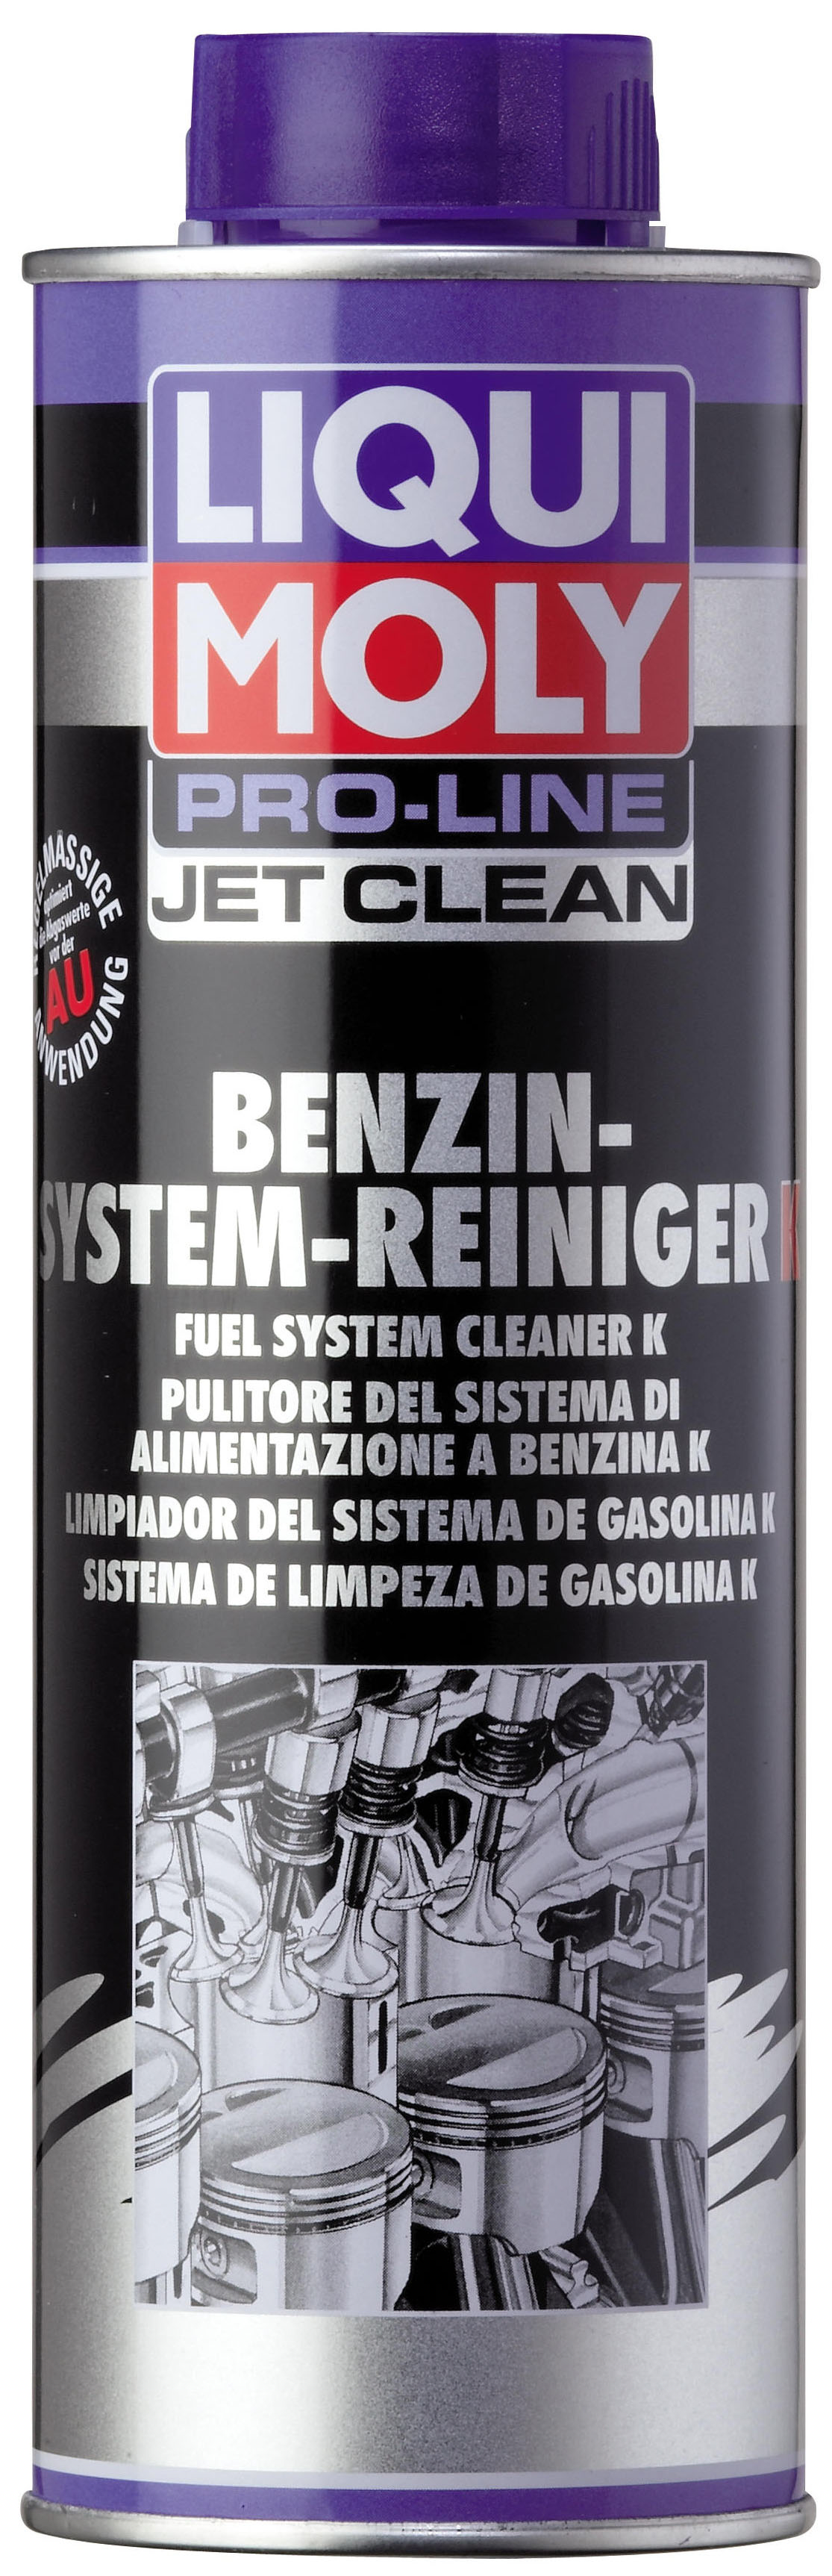 Жидкость для очистки бензиновых систем впрыска Pro-Line JetClean Benzin-System-Reiniger Konzentrat